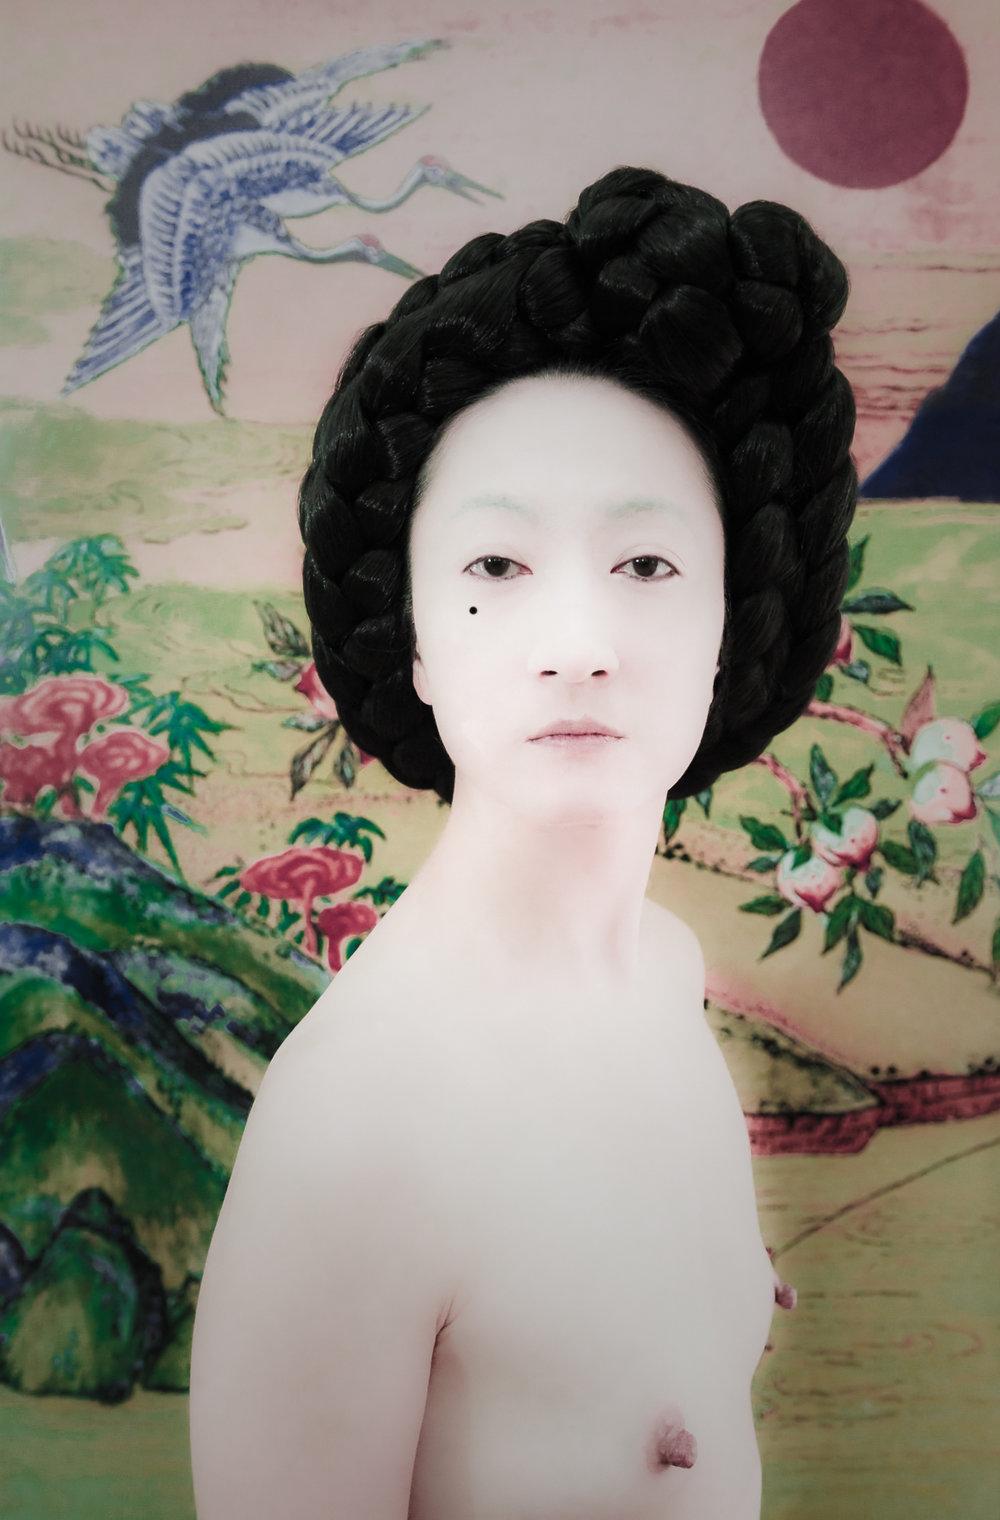 Jung S Kim